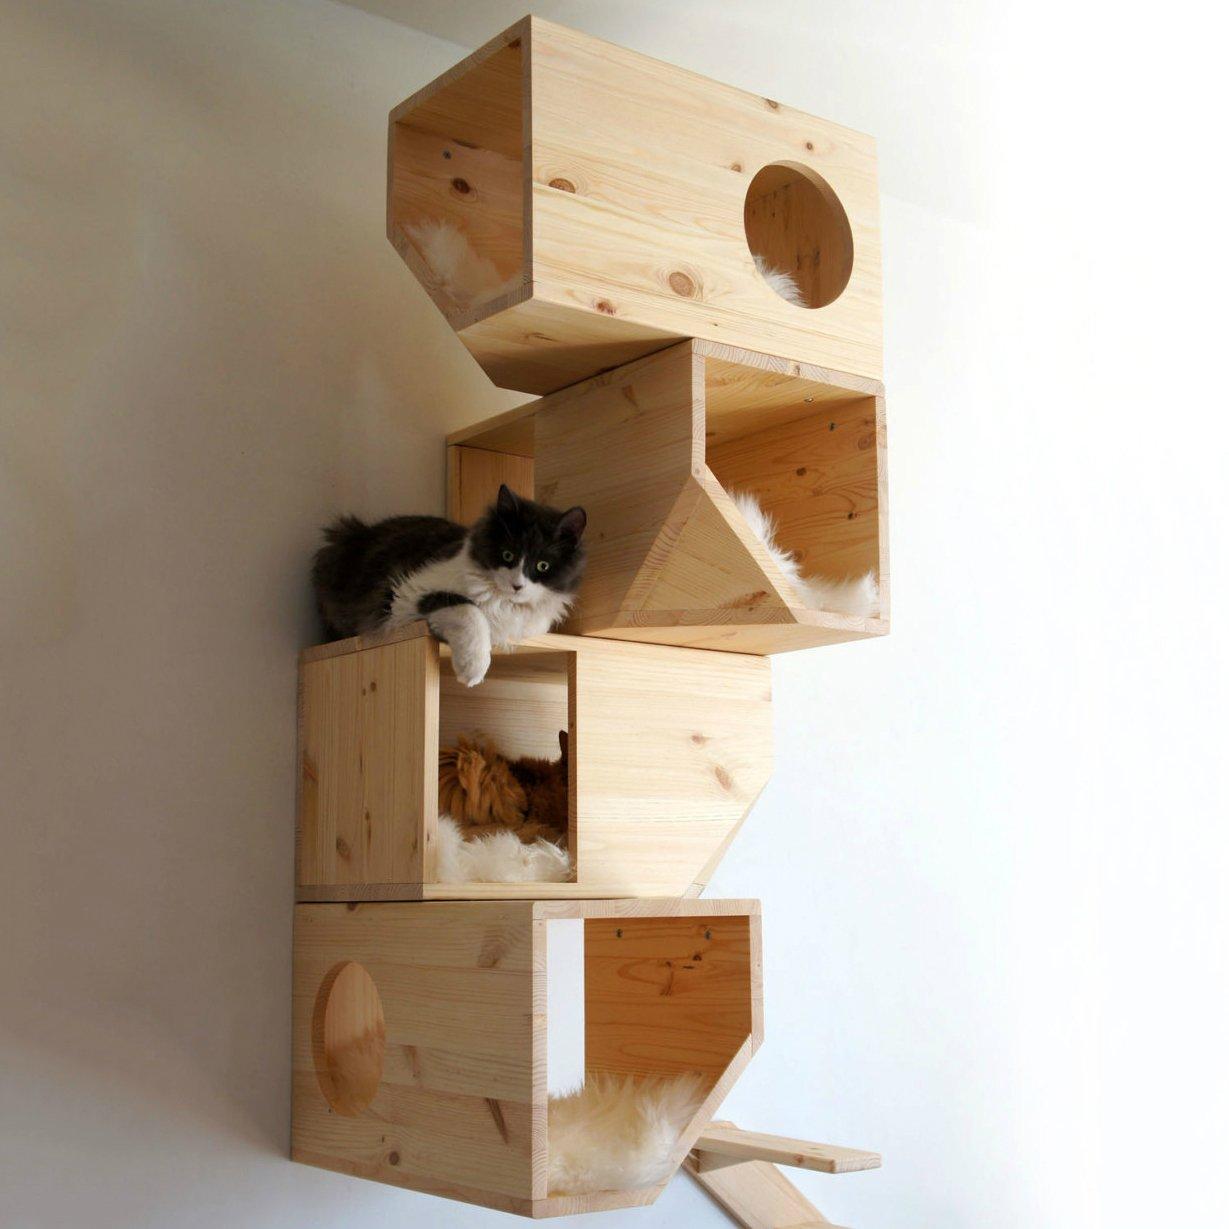 bengal cat for sale ohio